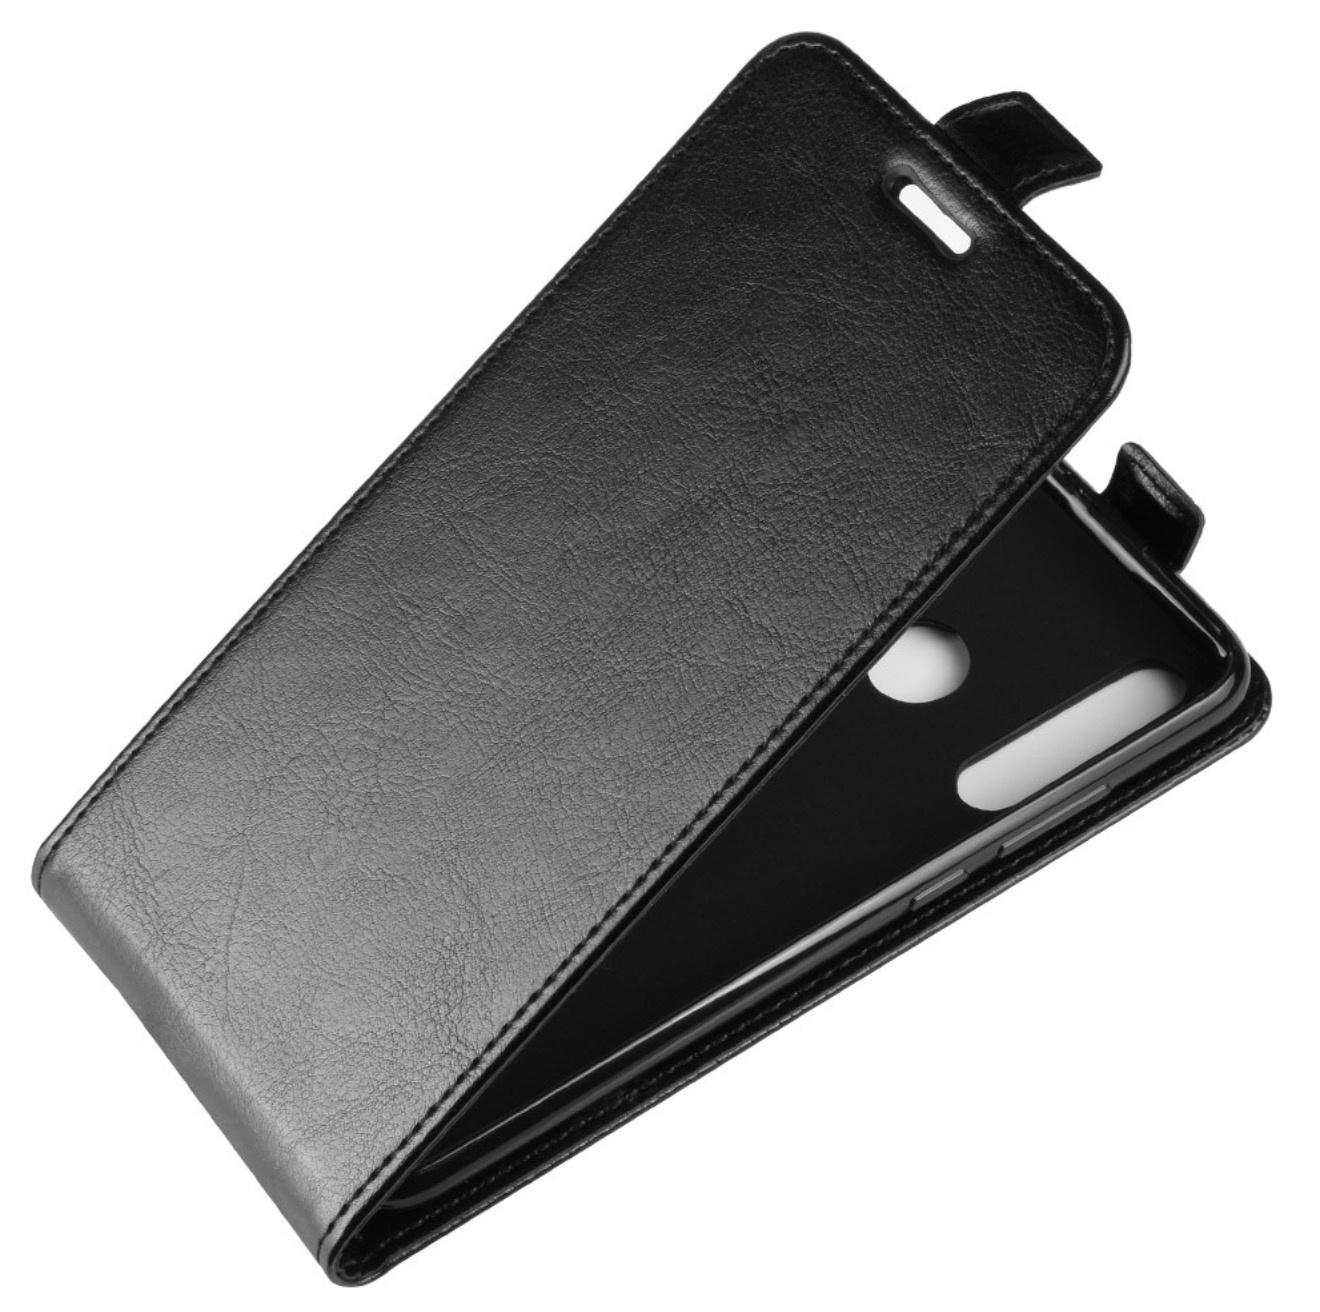 Чехол-флип MyPads для HTC Desire 816 Dual Sim вертикальный откидной черный